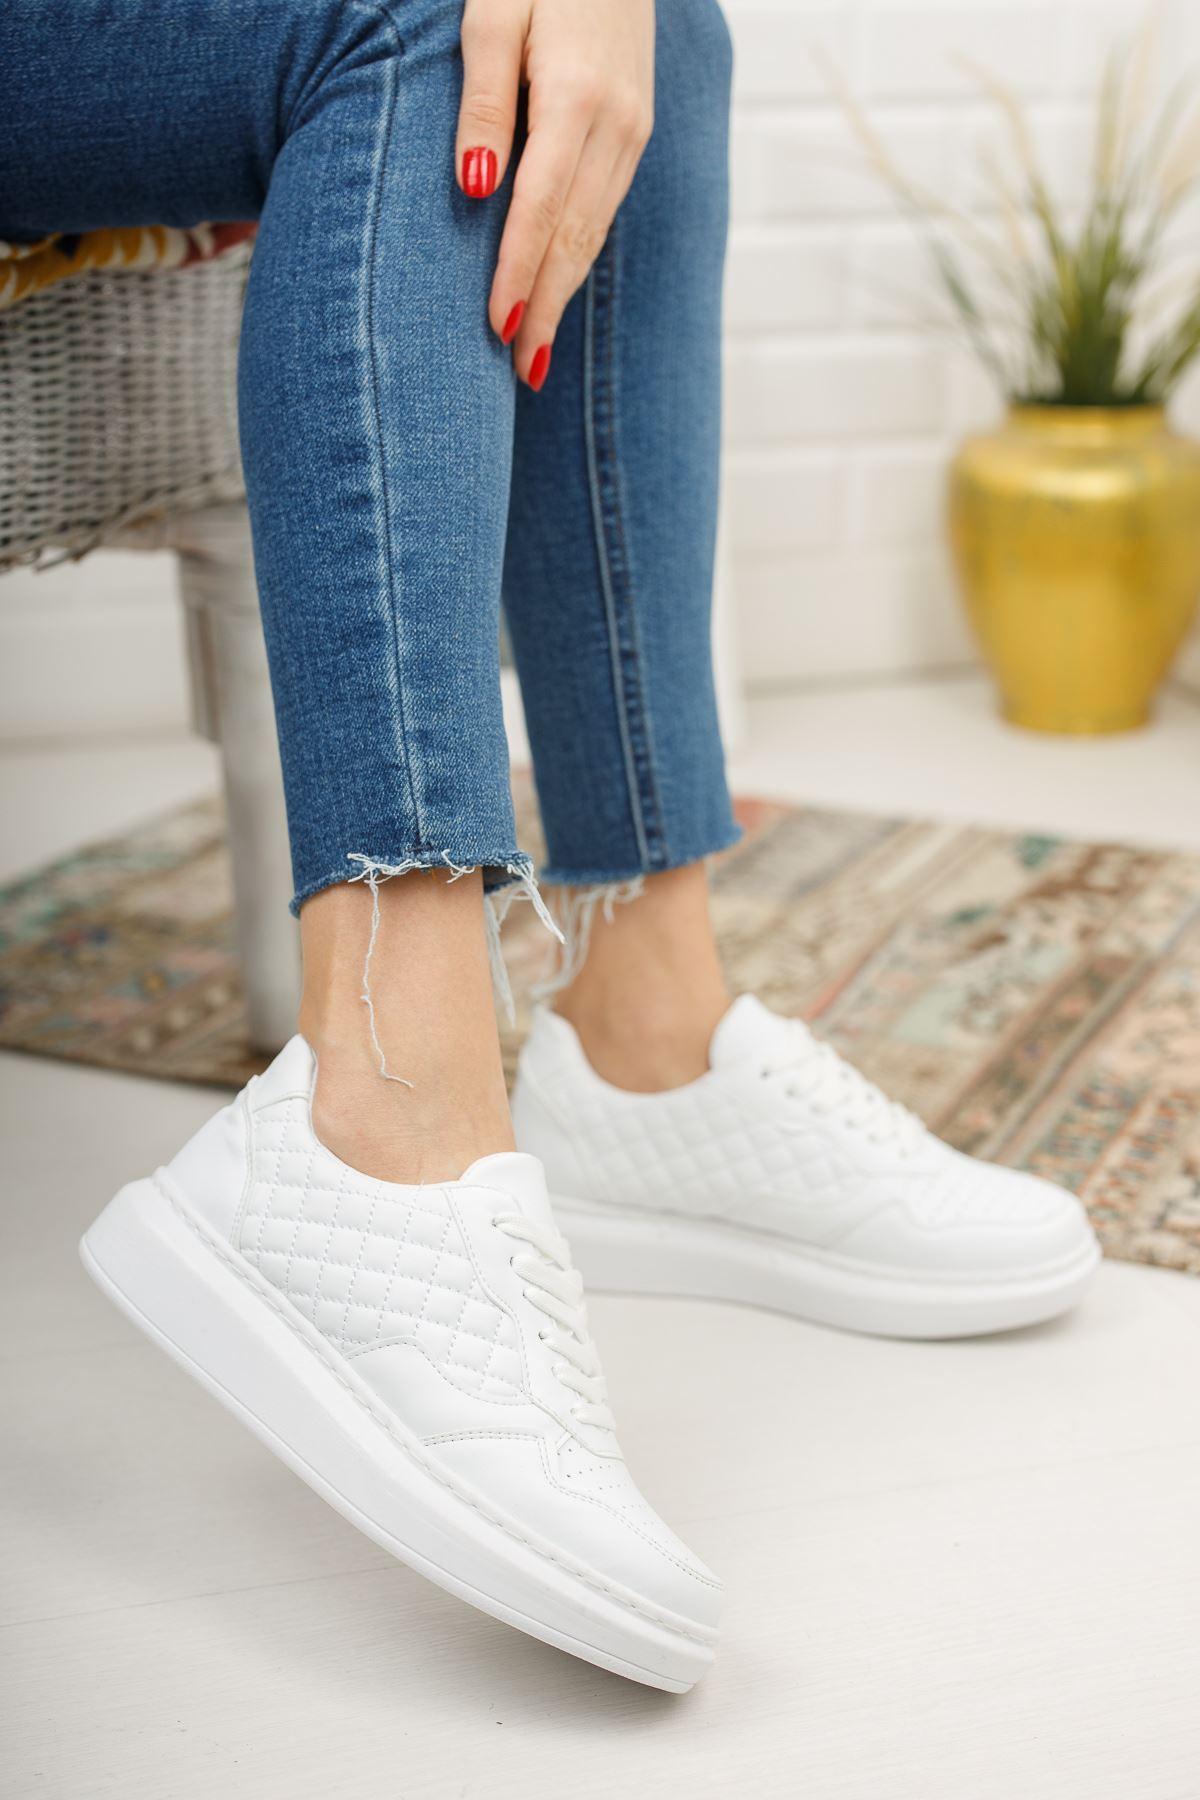 Danila Beyaz Kapitone Beyaz Mat Deri Bağcıklı Kadın Spor Ayakkabı